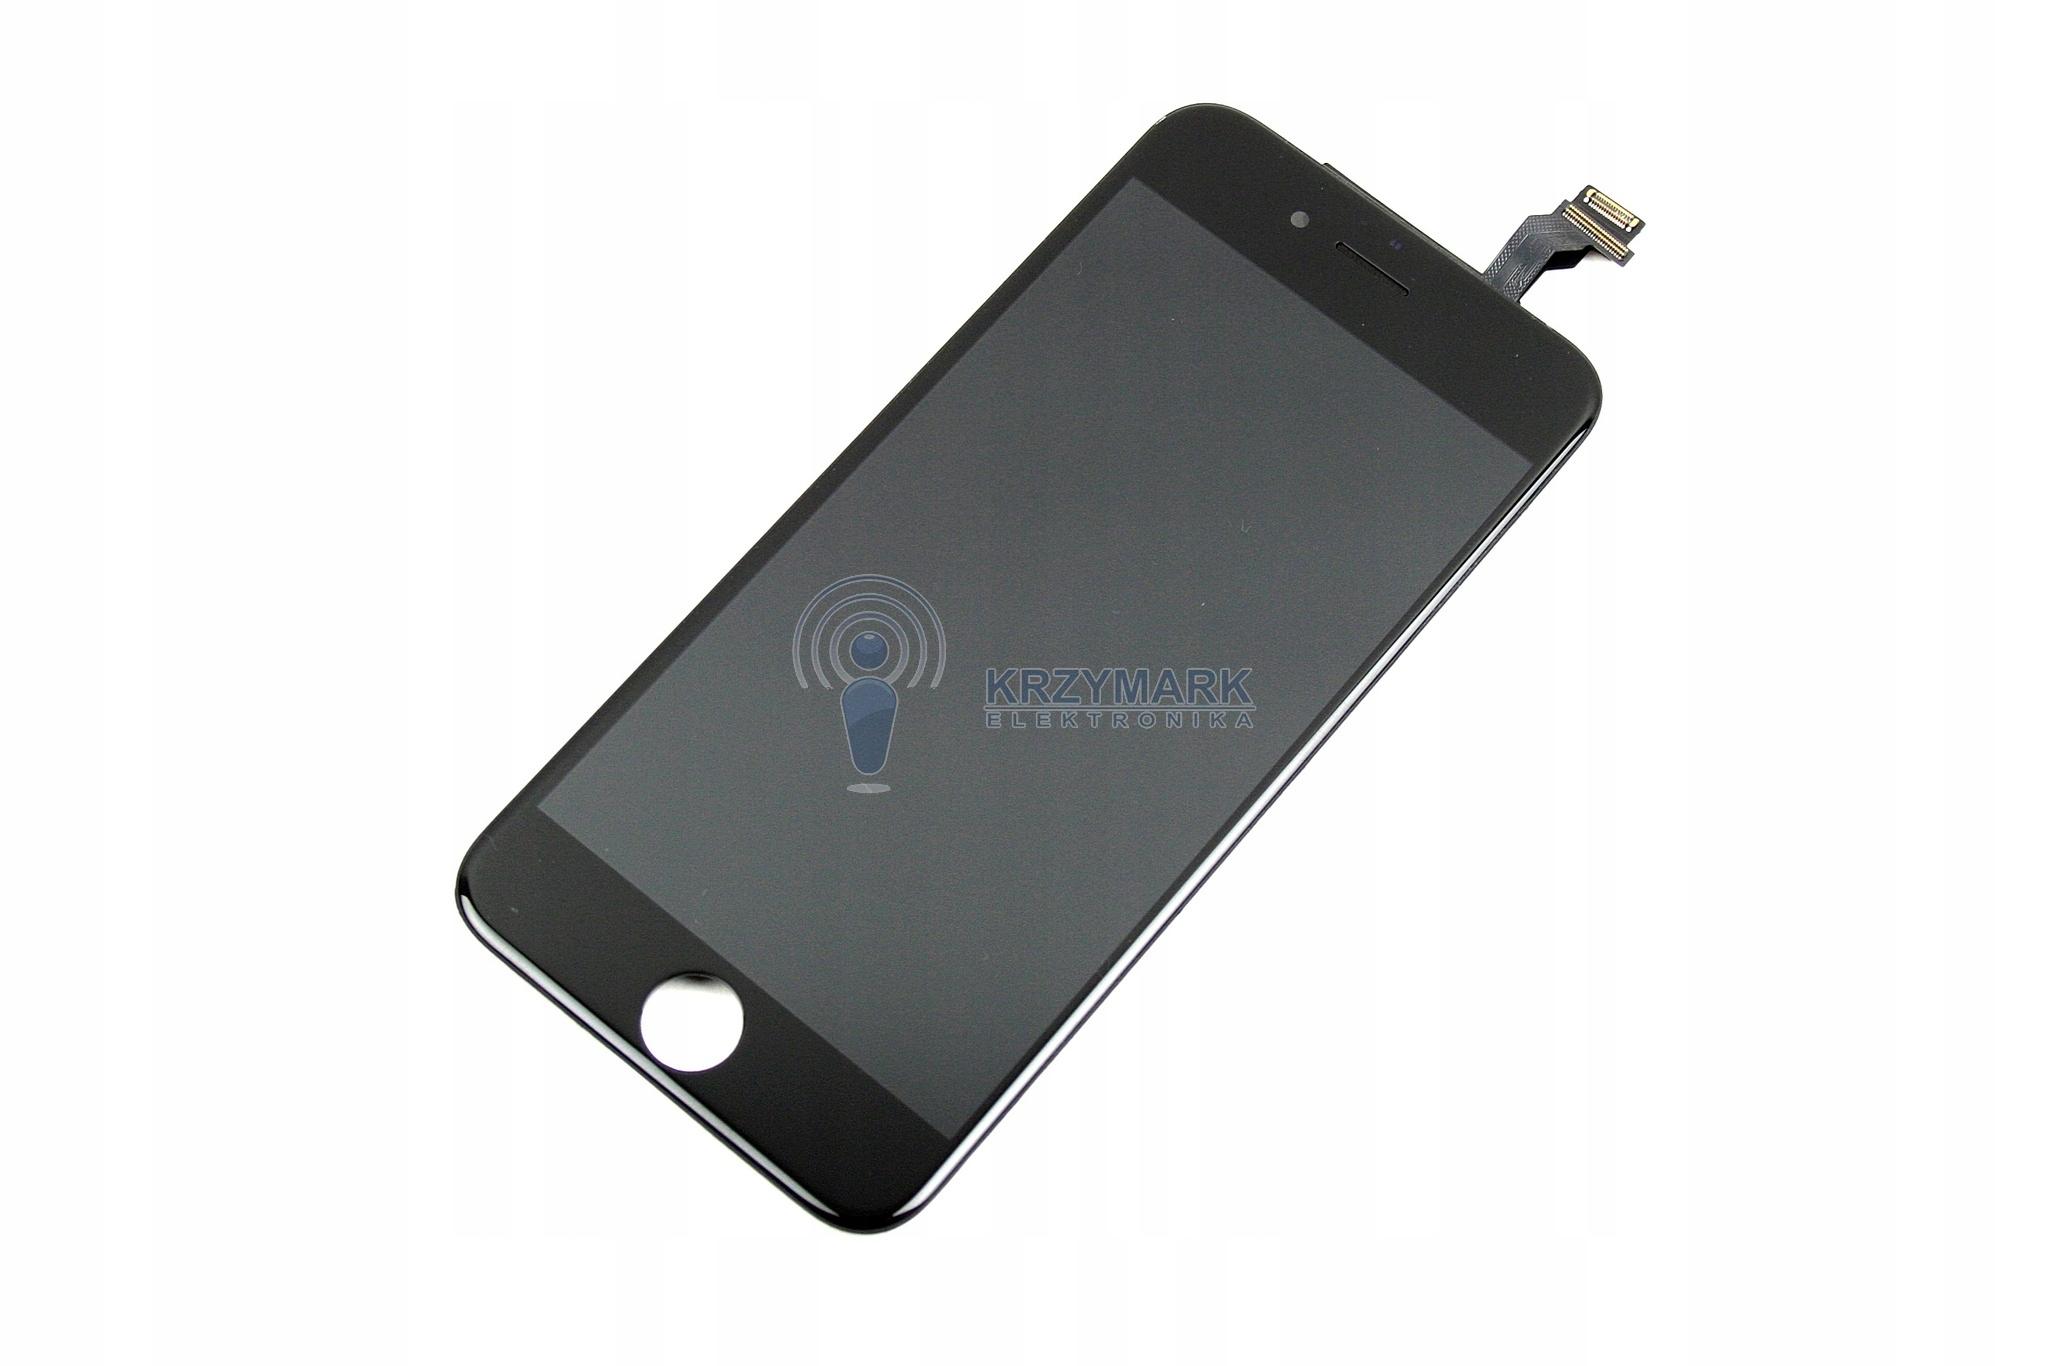 LCD WYŚWIETLACZ IPHONE 6 DIGITIZER DOTYK SZYBKA